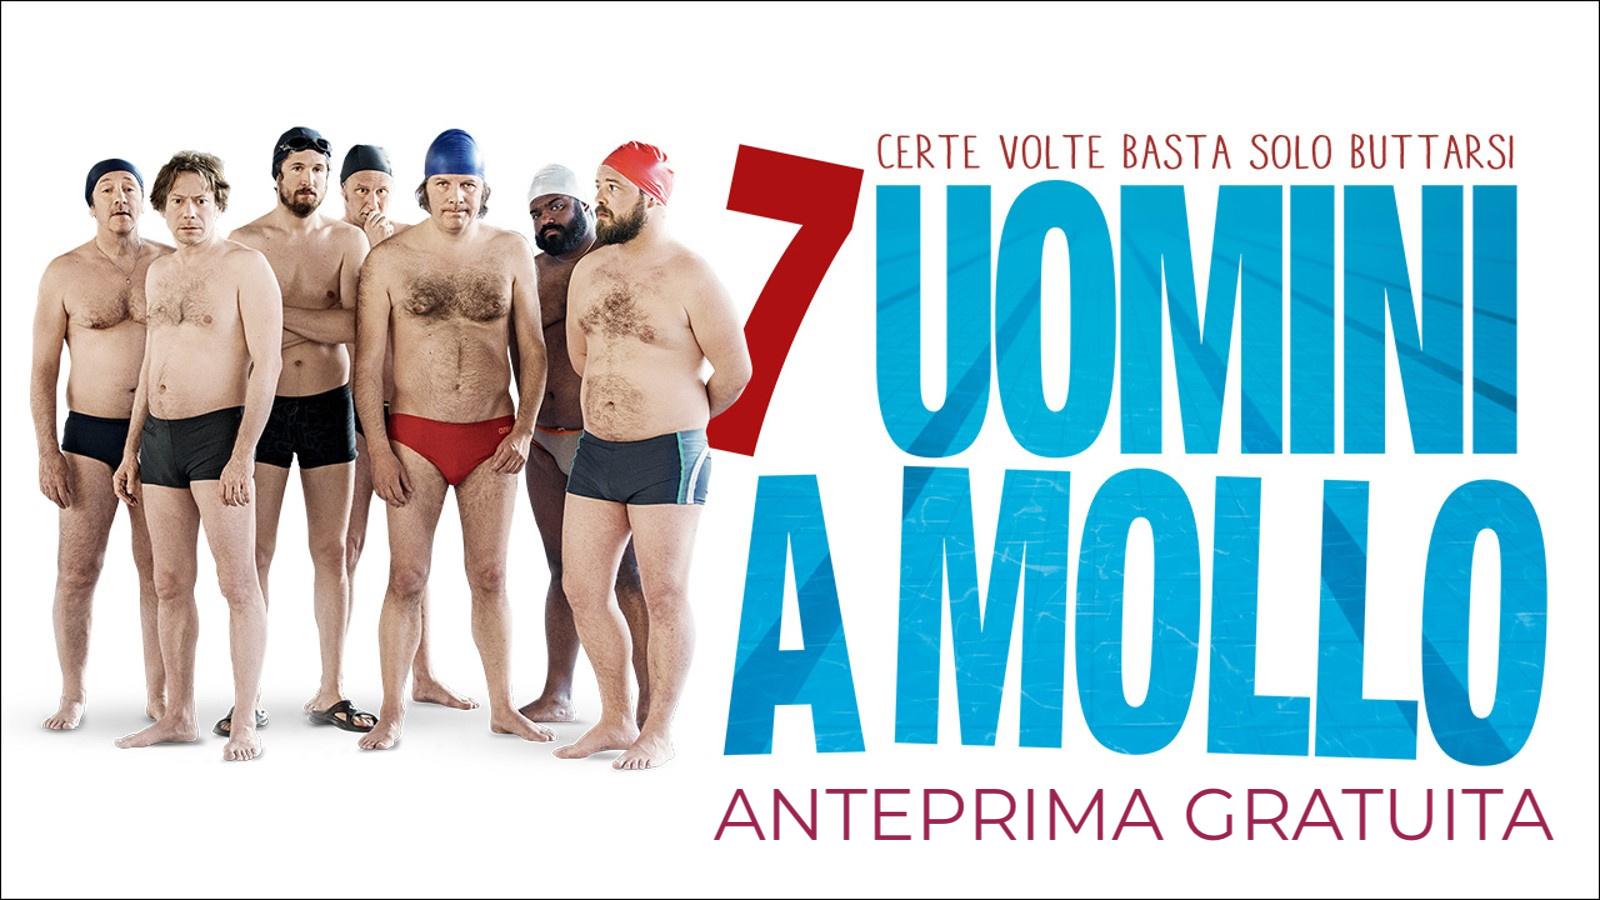 sette uomini a mollo